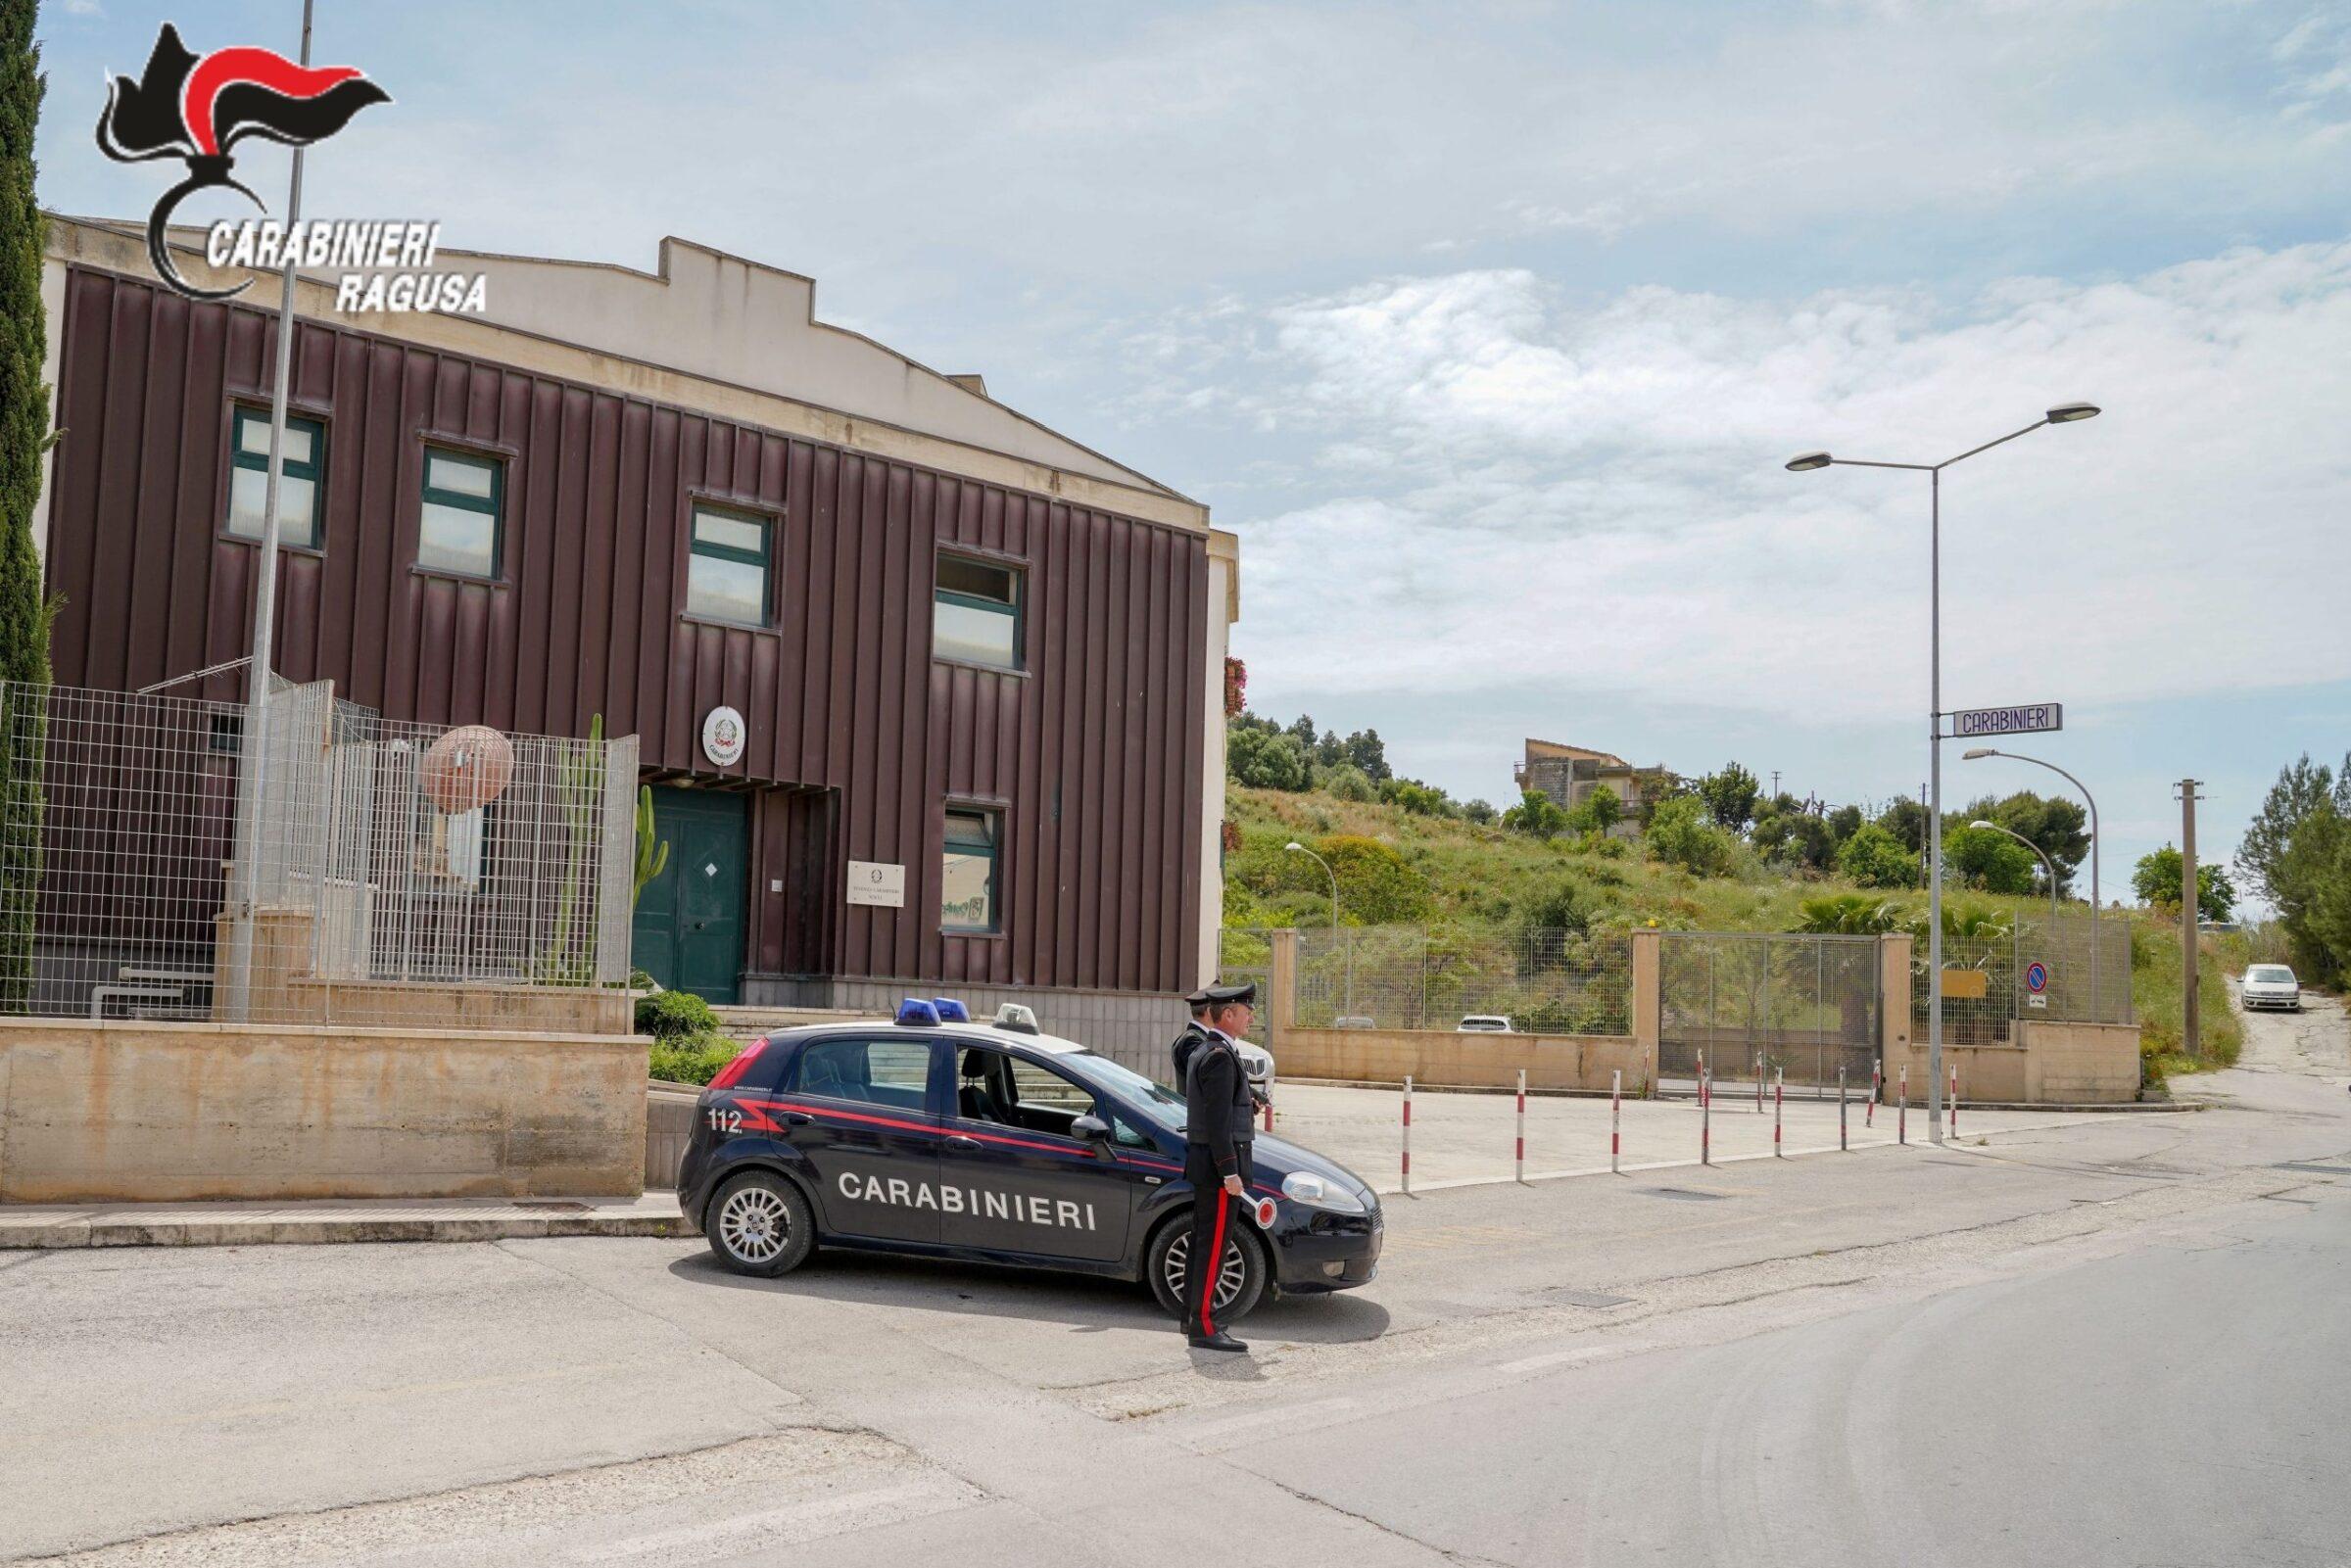 Si trova agli arresti domiciliari ma prende tranquillamente il treno, 38enne arrestato dai carabinieri